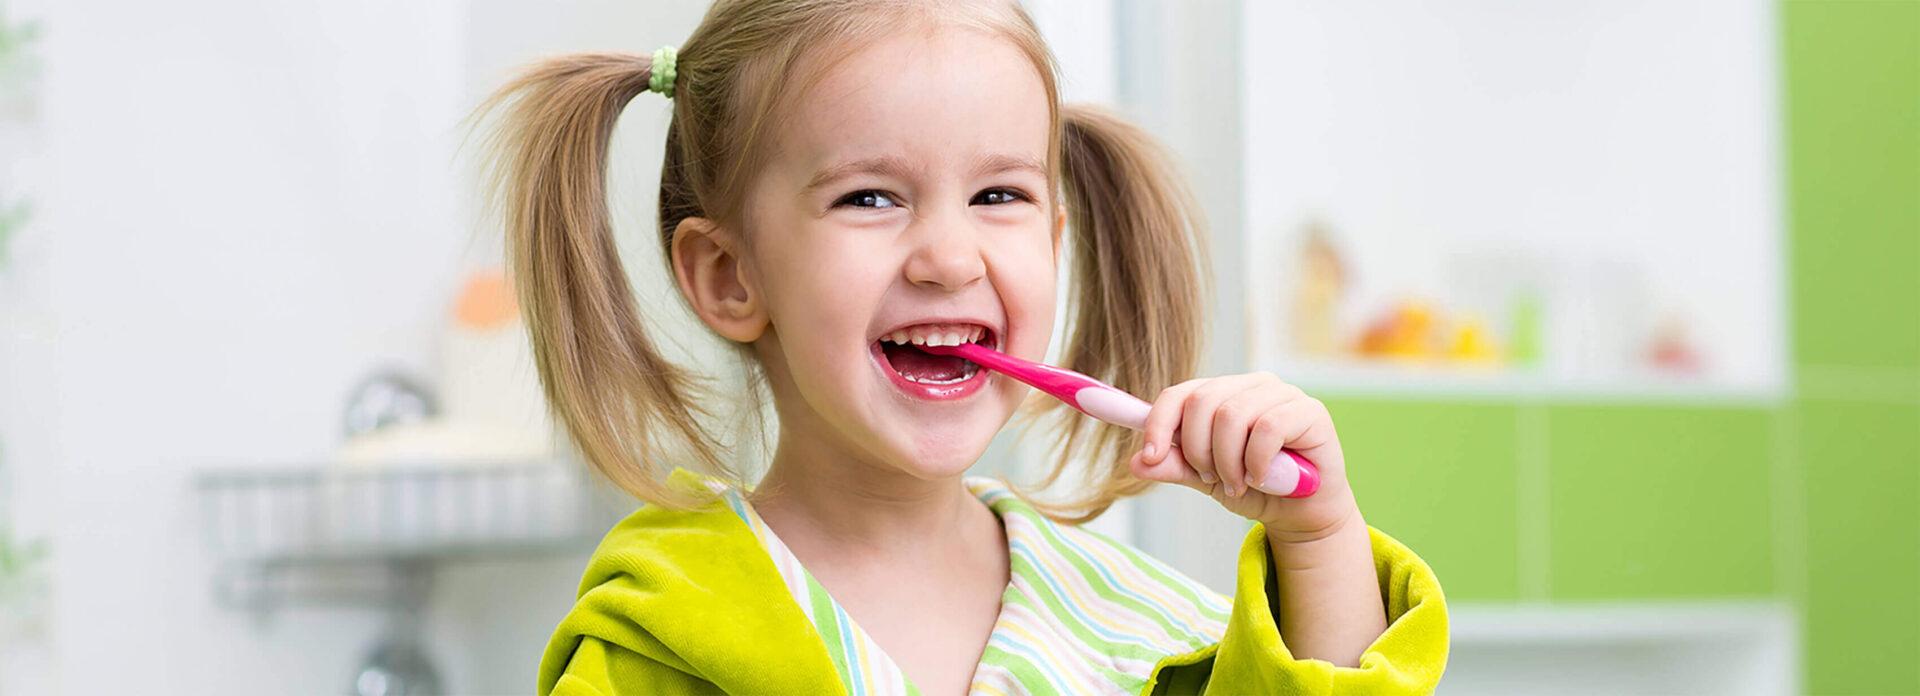 Children's Dentistry hero image